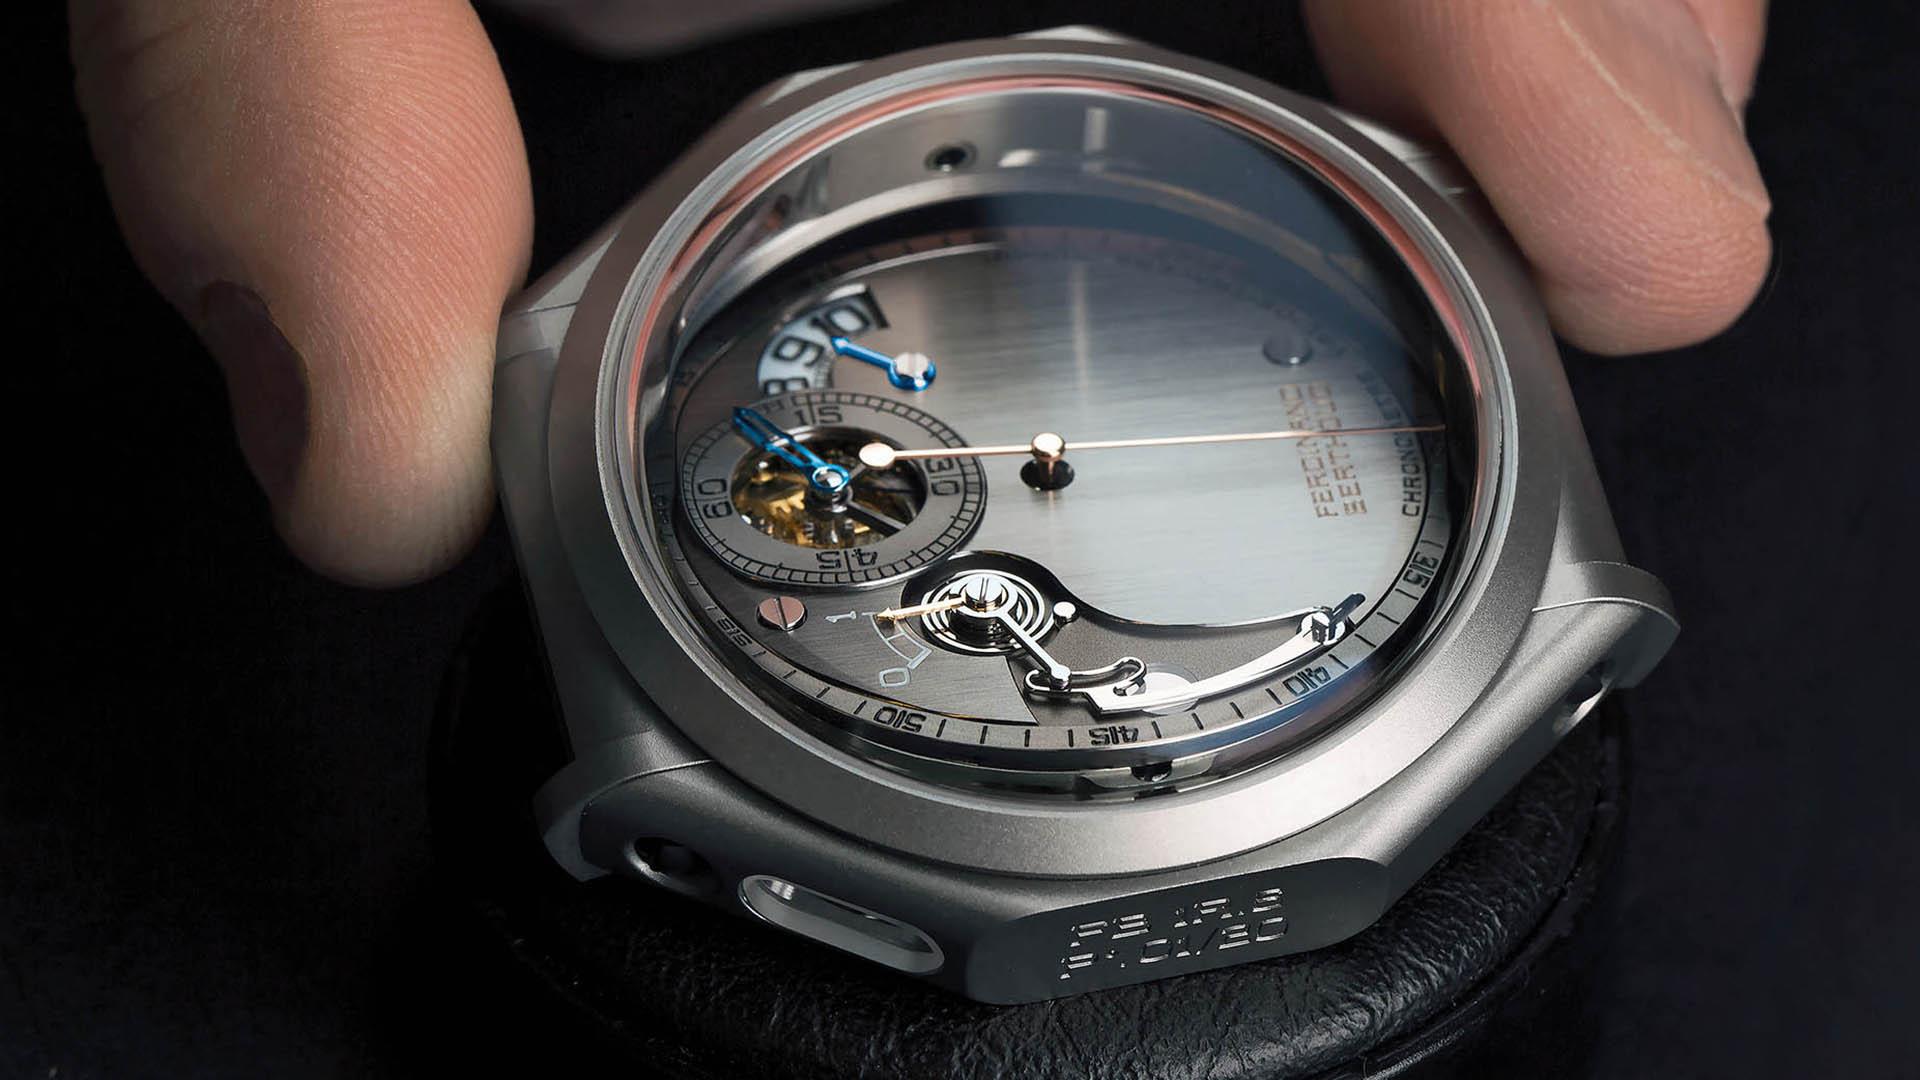 Chronometer FB-1R.6-1 von Ferdinand Berthoud. Zur Anzeige der Gangreserve wird ein sich langsam drehender Kegelstumpf abgetastet. Da das Werk einen Kette-Schnecke-Antrieb besitzt, ist kein Differenzialgetriebe erforderlich.